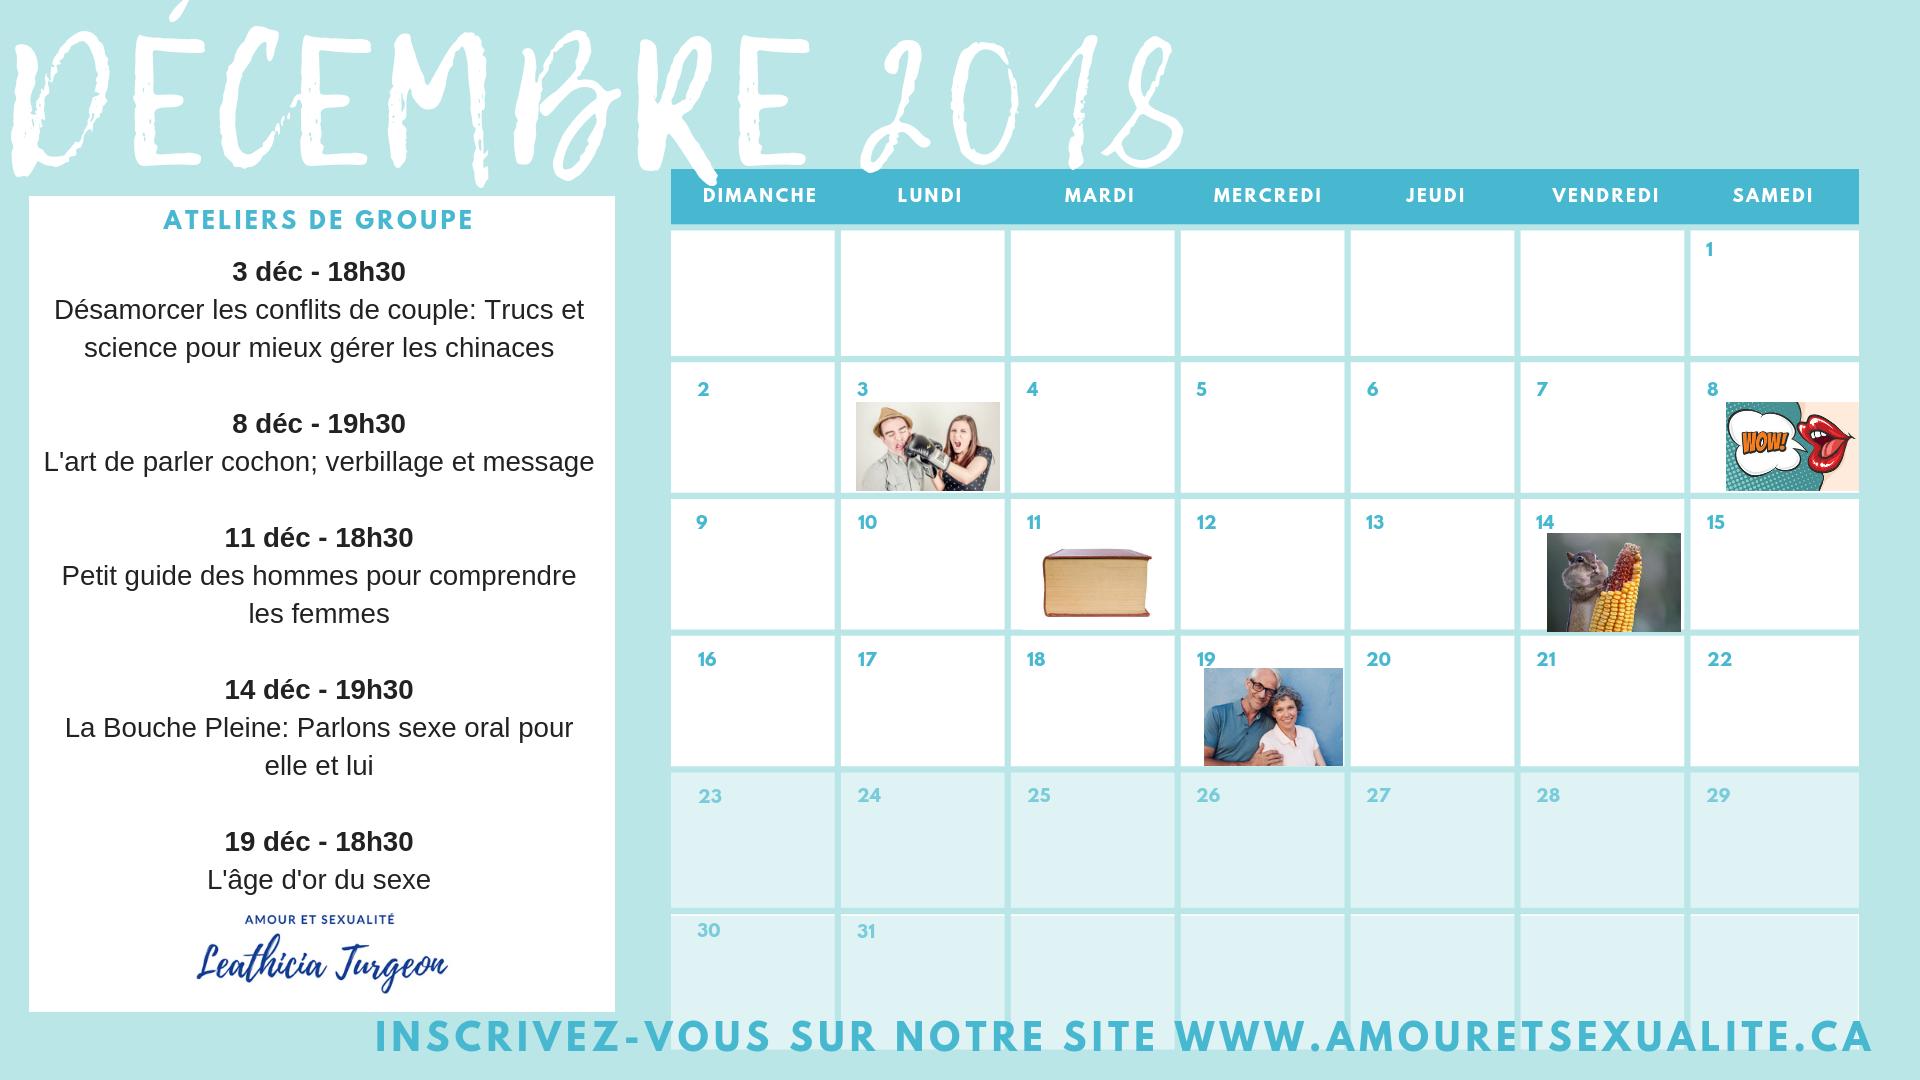 Calendrier des activités de groupe oct-nov-déc 2018